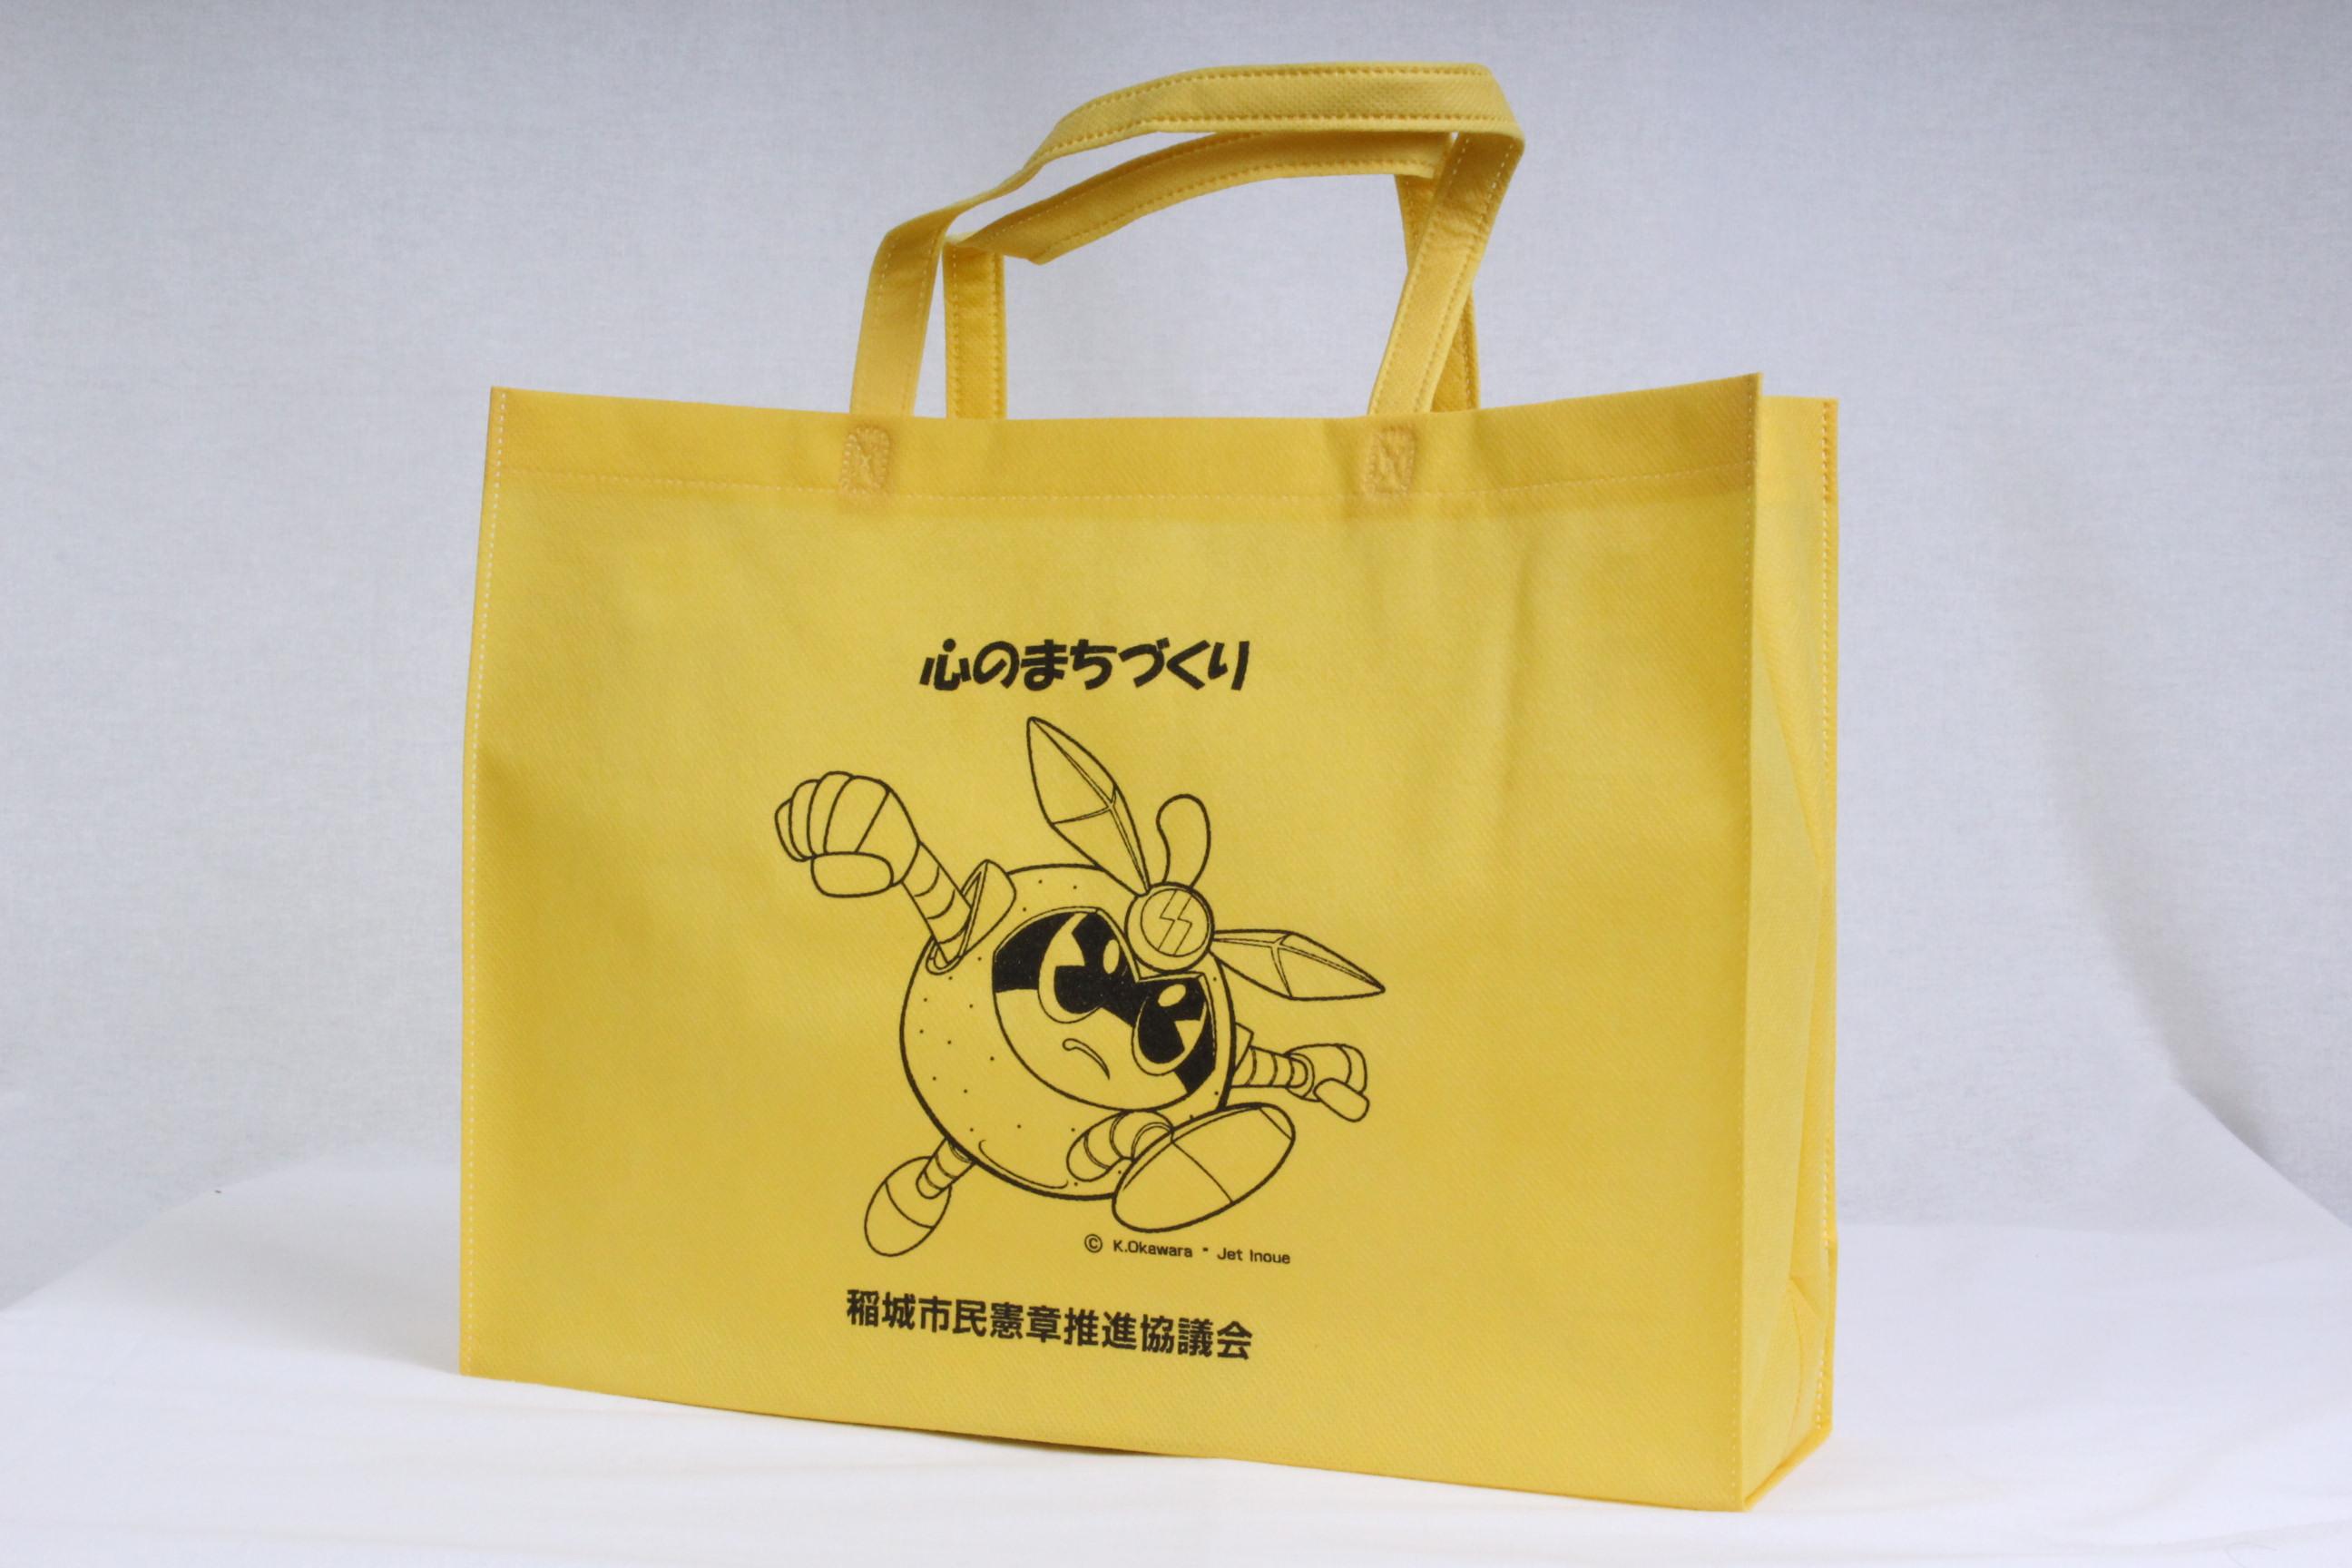 東京都の市民協働課様オリジナル不織布バッグ